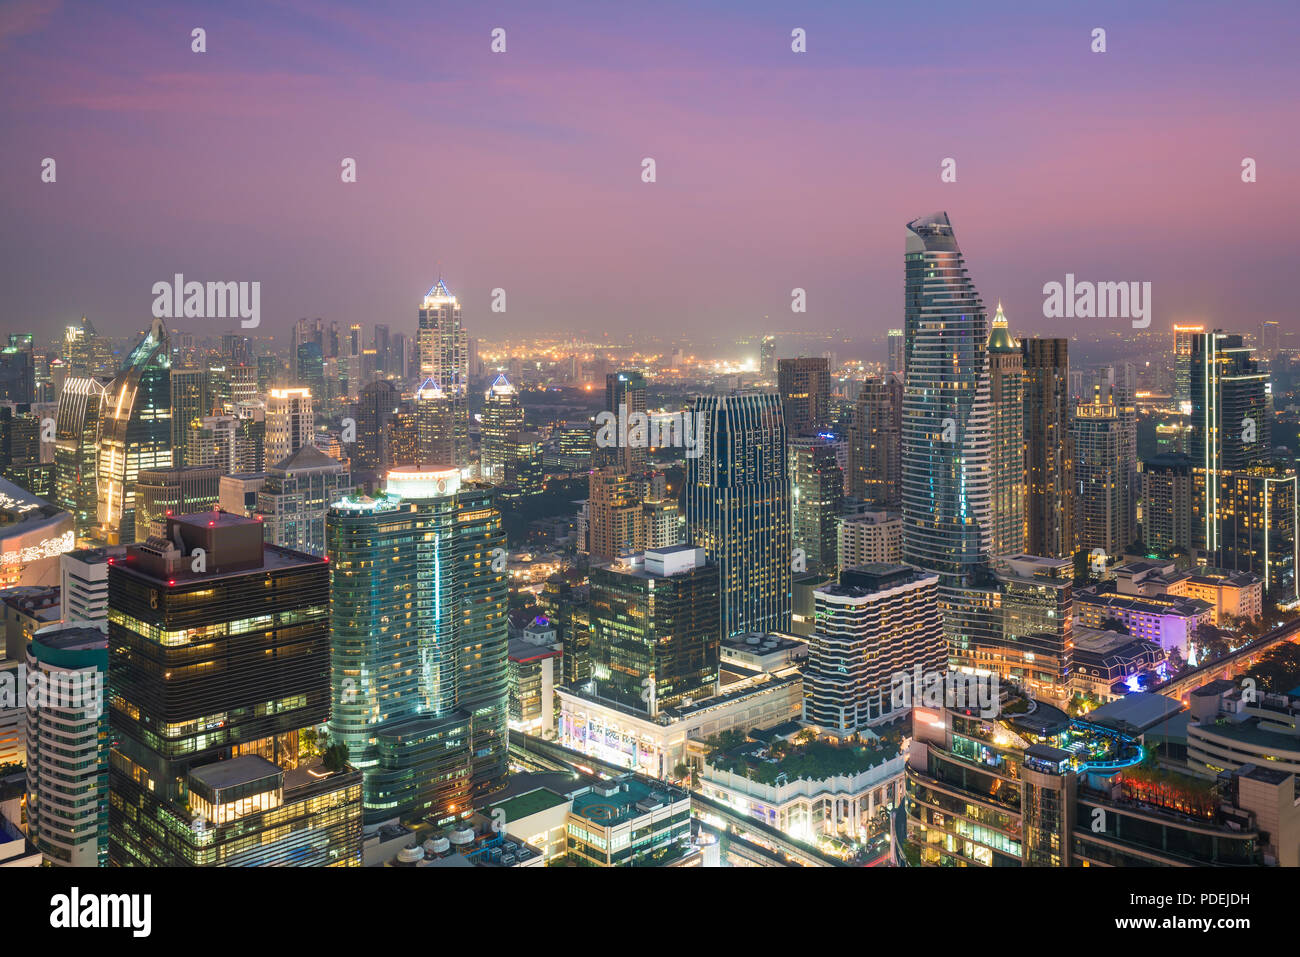 Immeuble moderne dans le quartier des affaires de Bangkok à Bangkok city skyline avec dans la nuit, la Thaïlande. Photo Stock